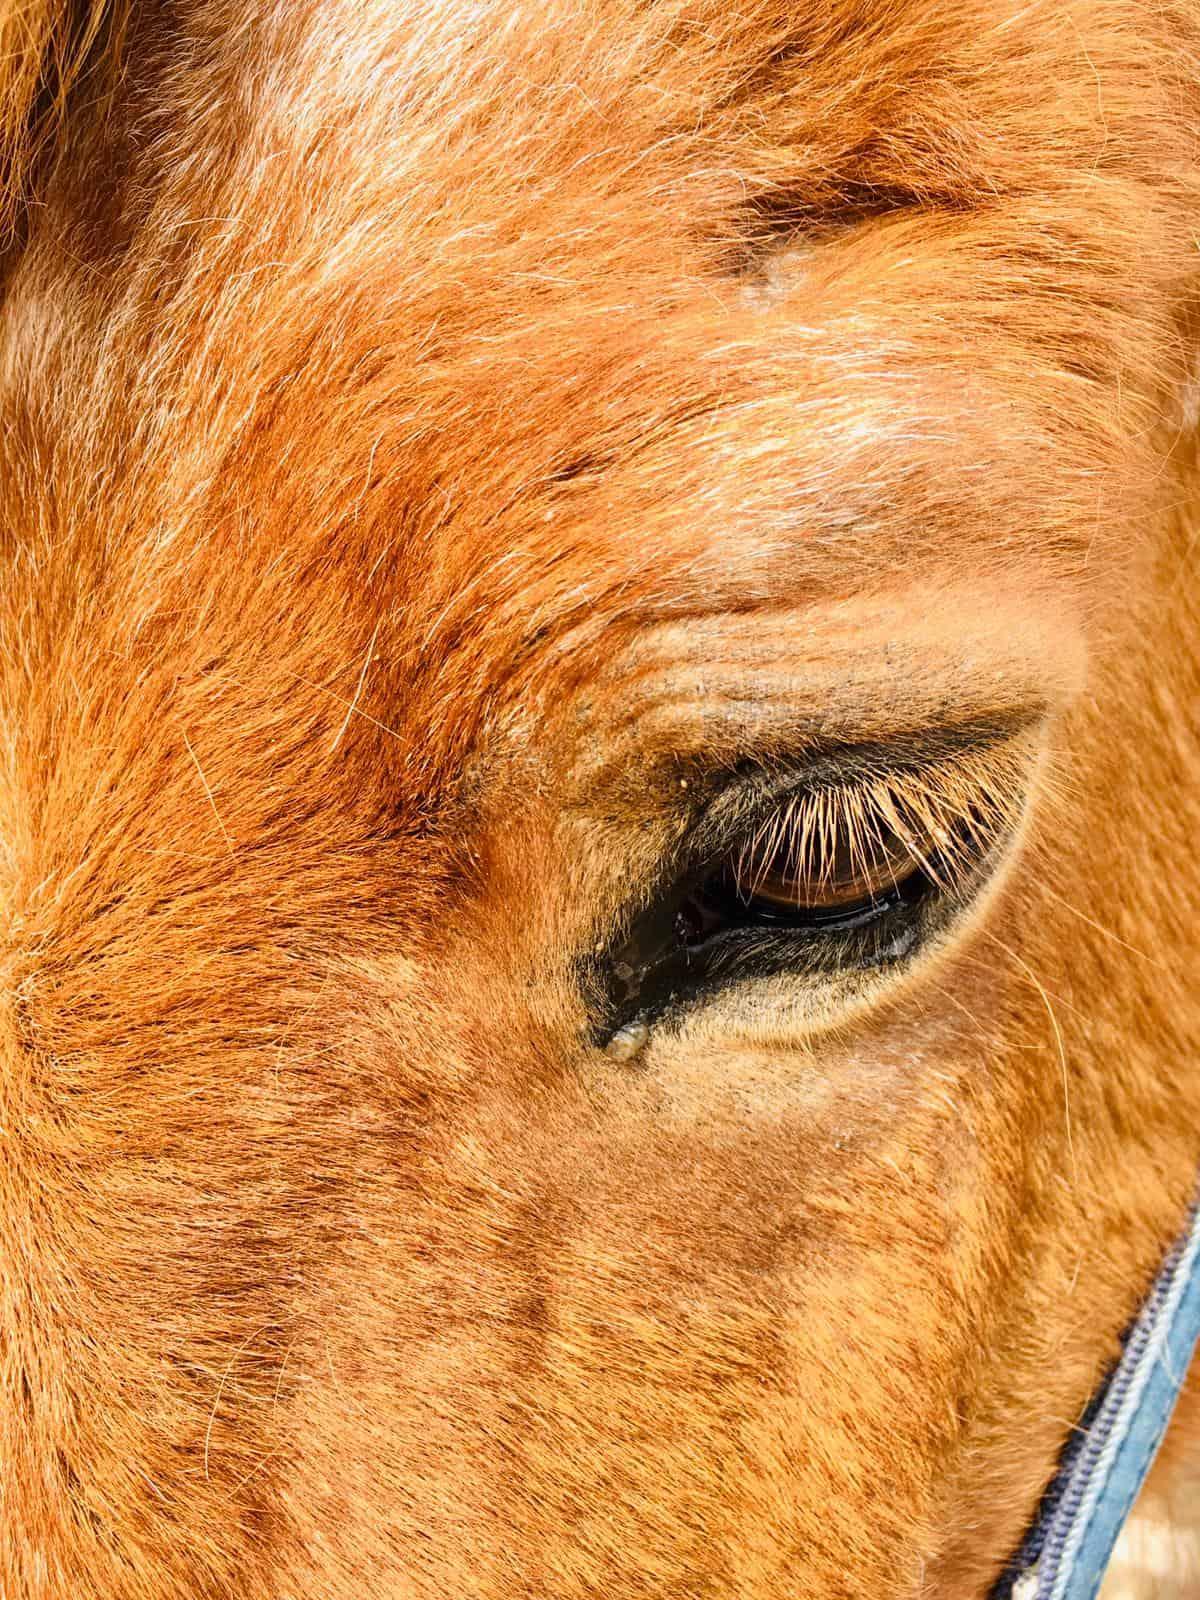 Auge Pferd verheilt